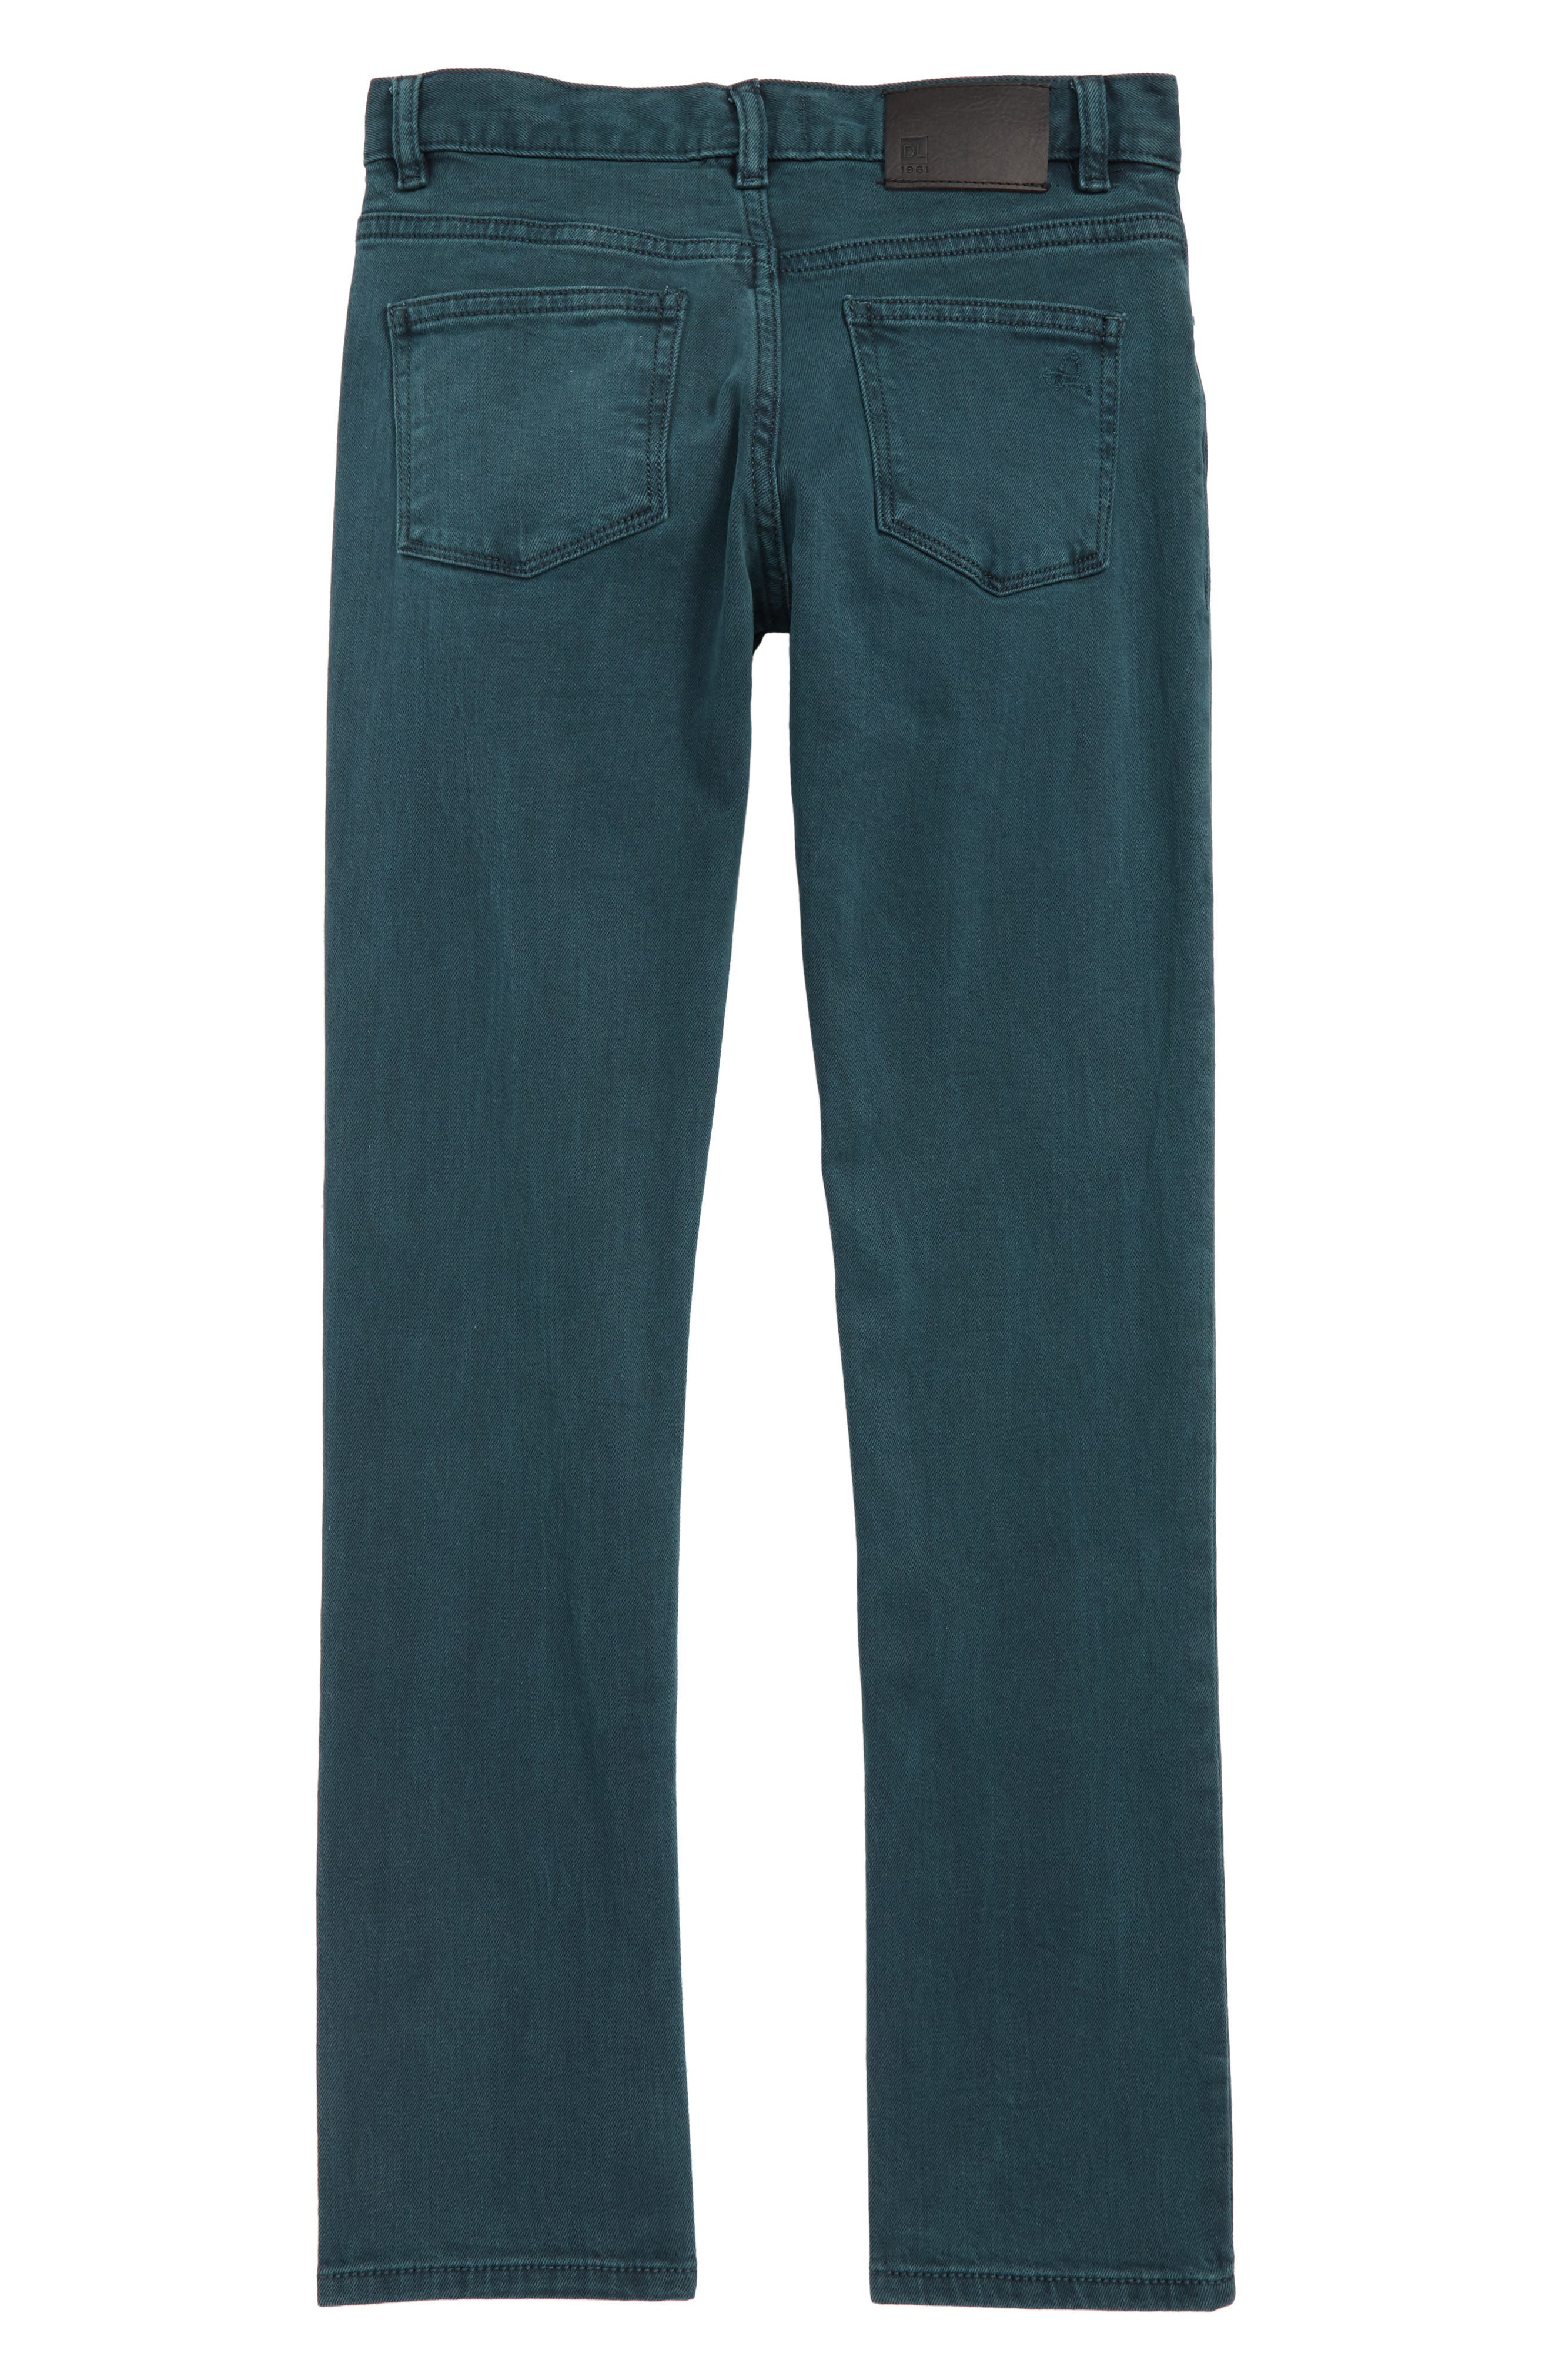 Hawke Skinny Jeans,                             Alternate thumbnail 2, color,                             BRUH